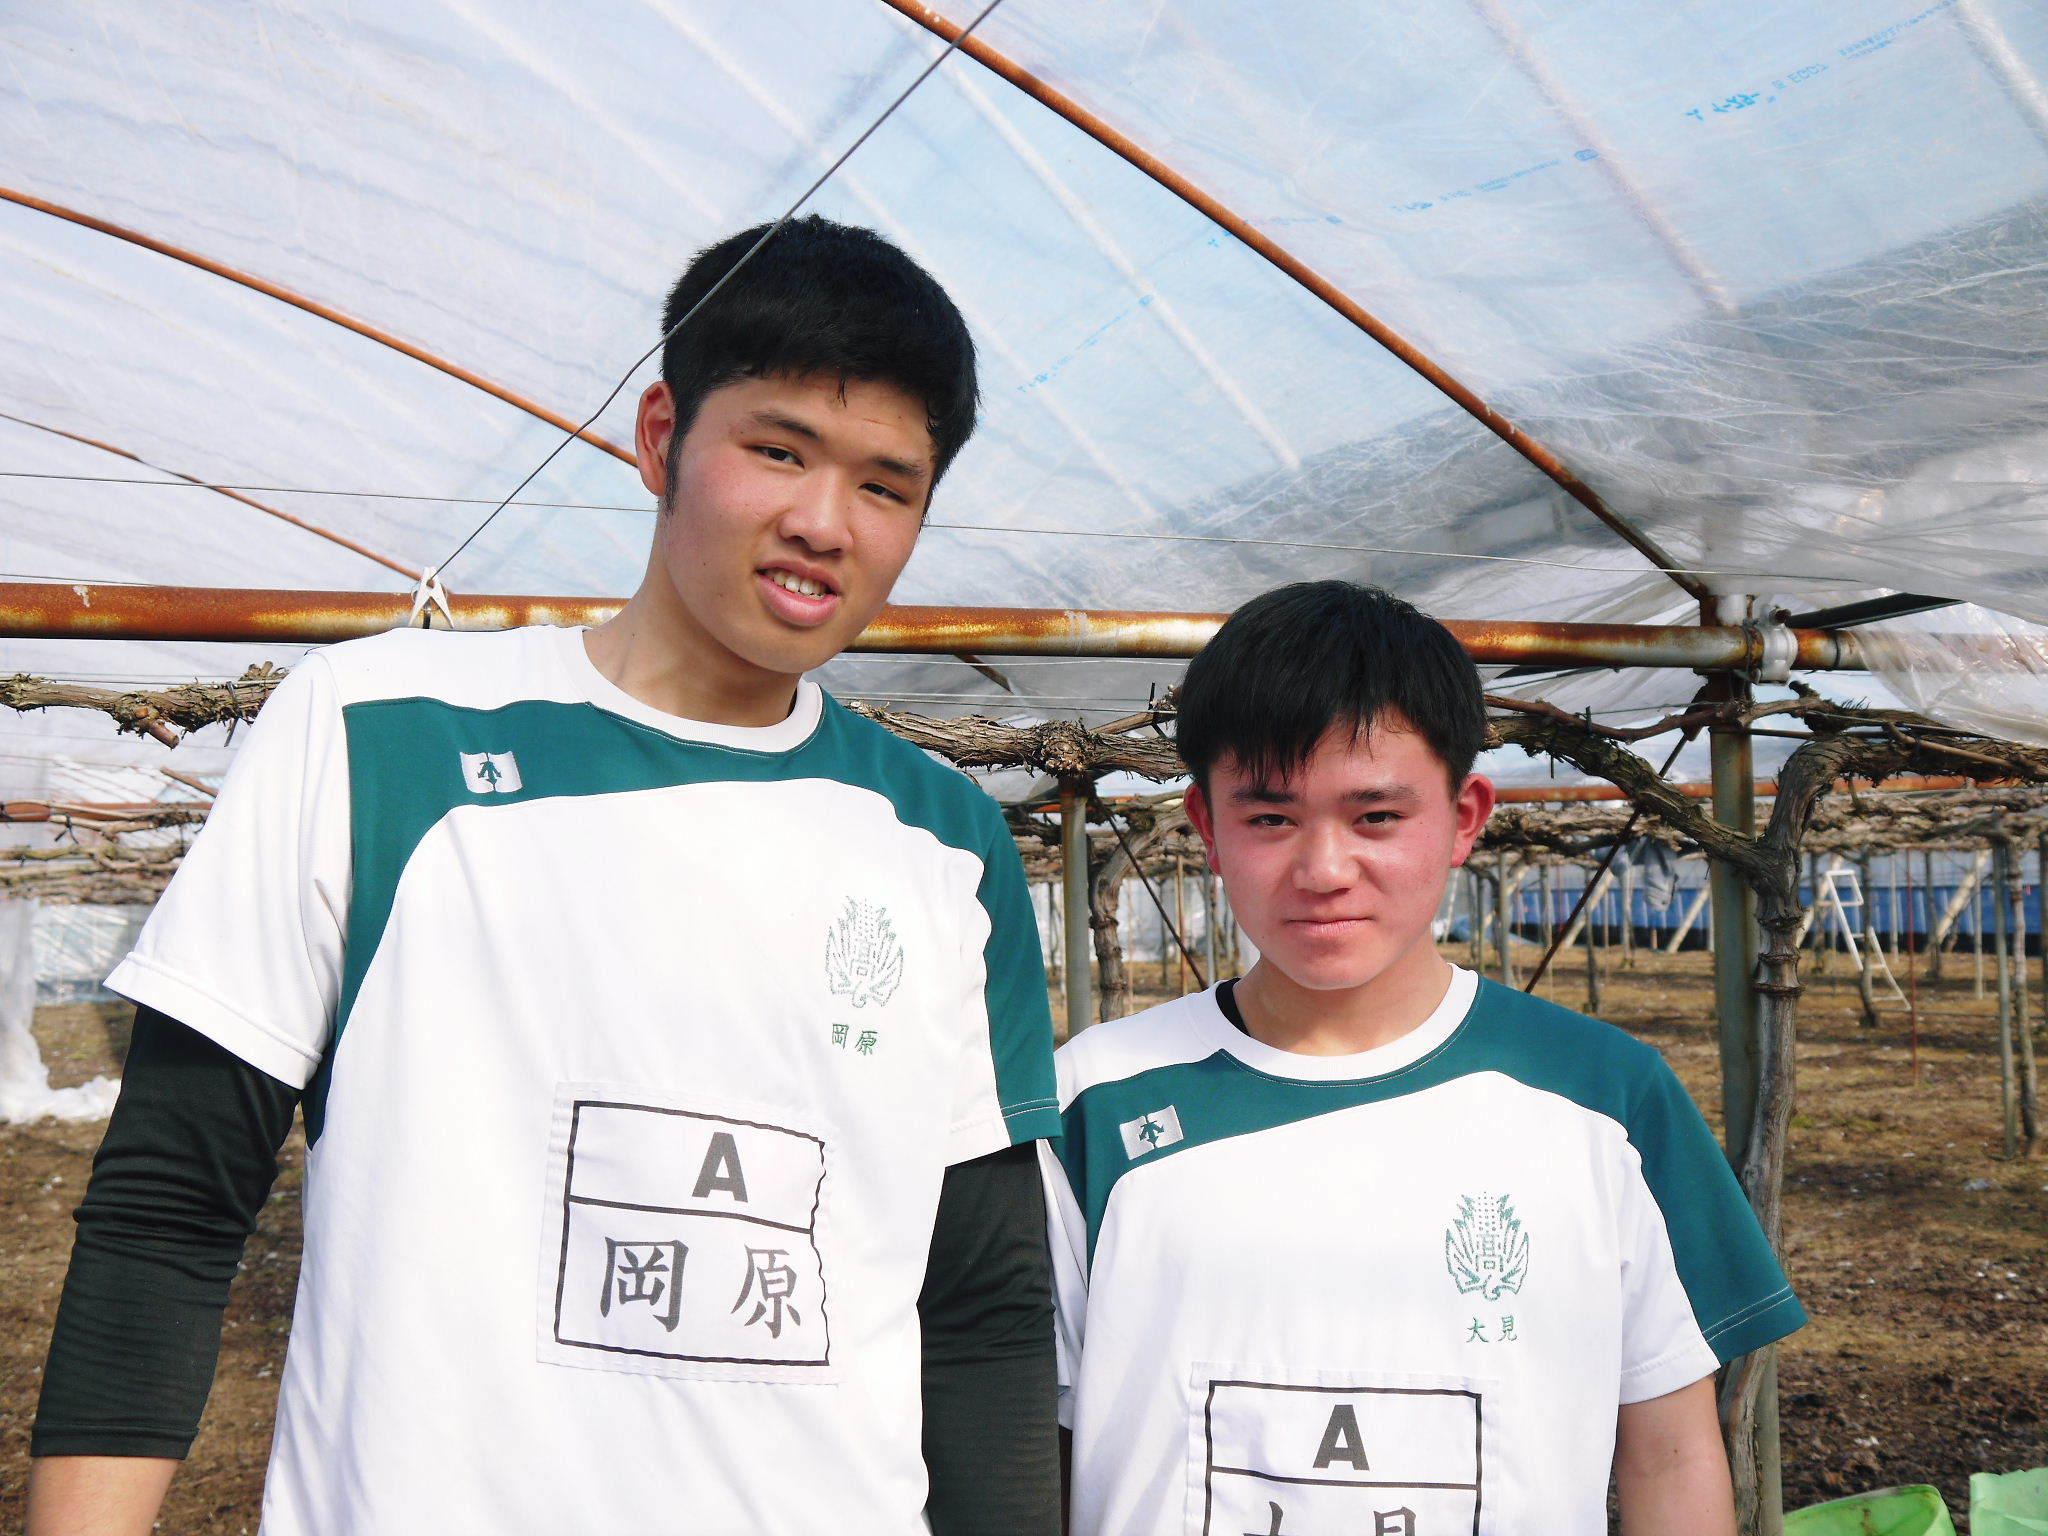 熊本ぶどう 社方園 ハウスの内張り作業を熊本農業高校からの農業実習と共に行っています(2020)後編_a0254656_16315076.jpg